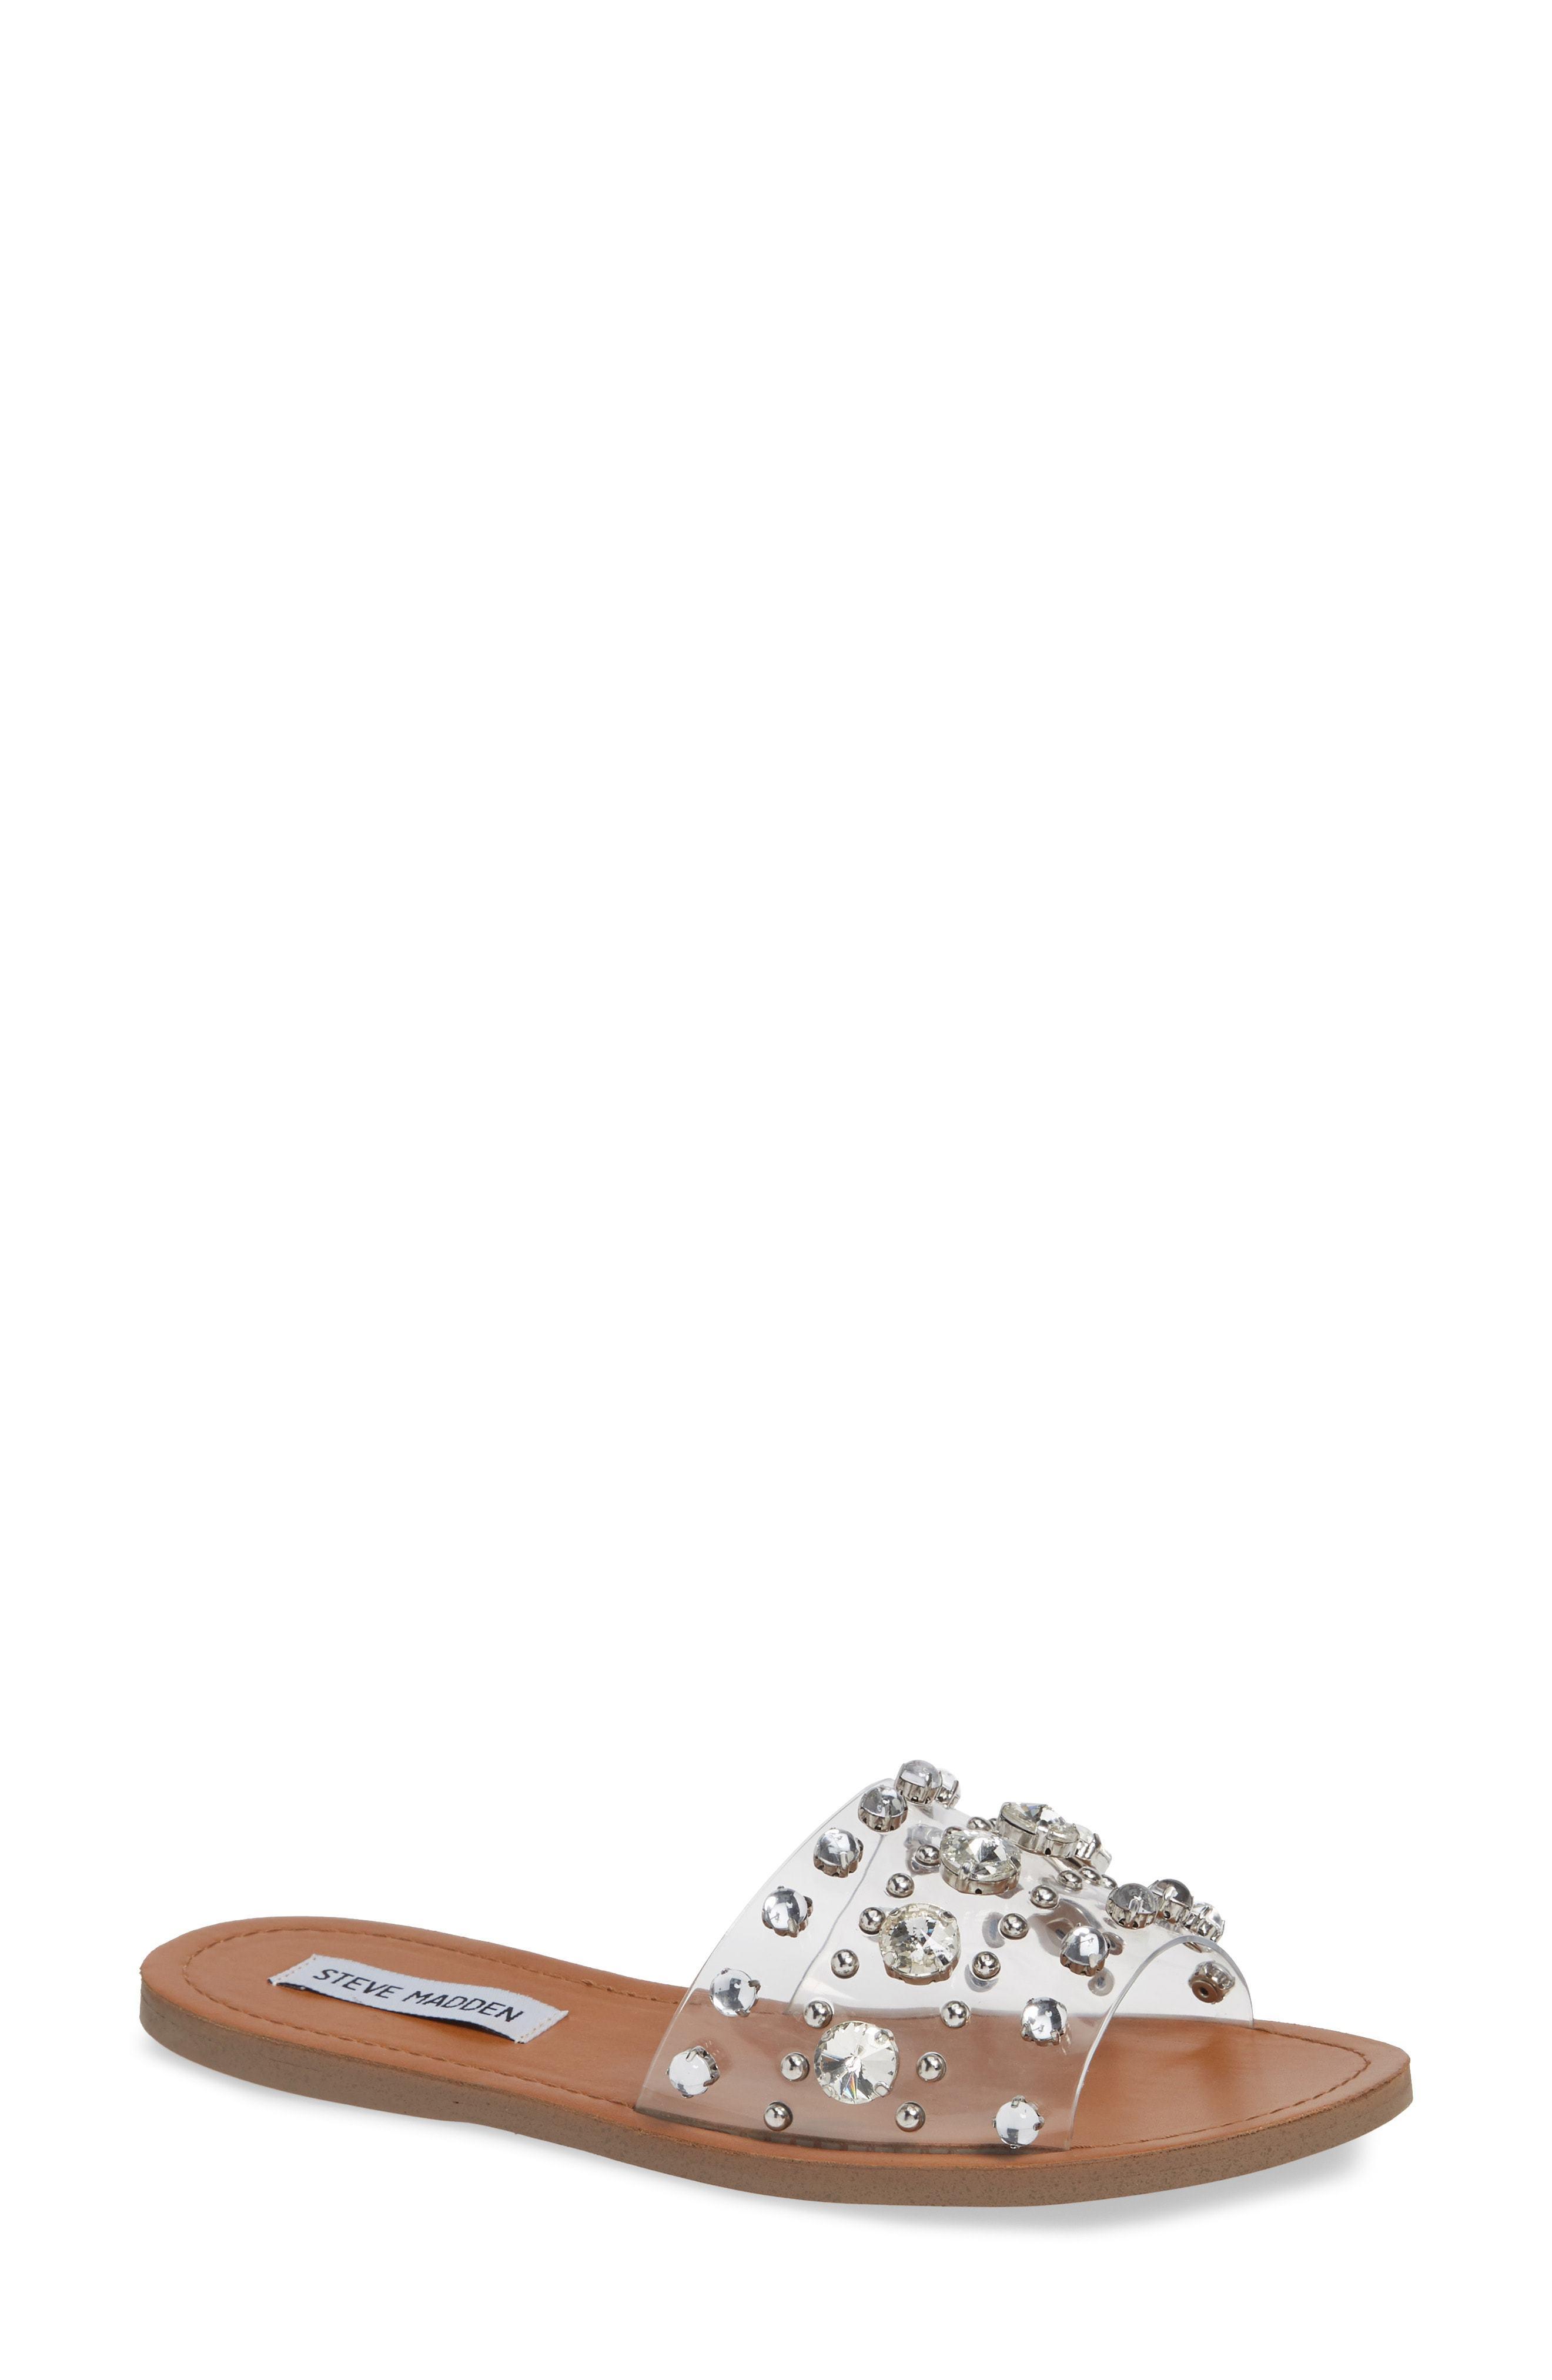 df14c9435ef ... Steve Madden Regent Embellished Slide Sandal